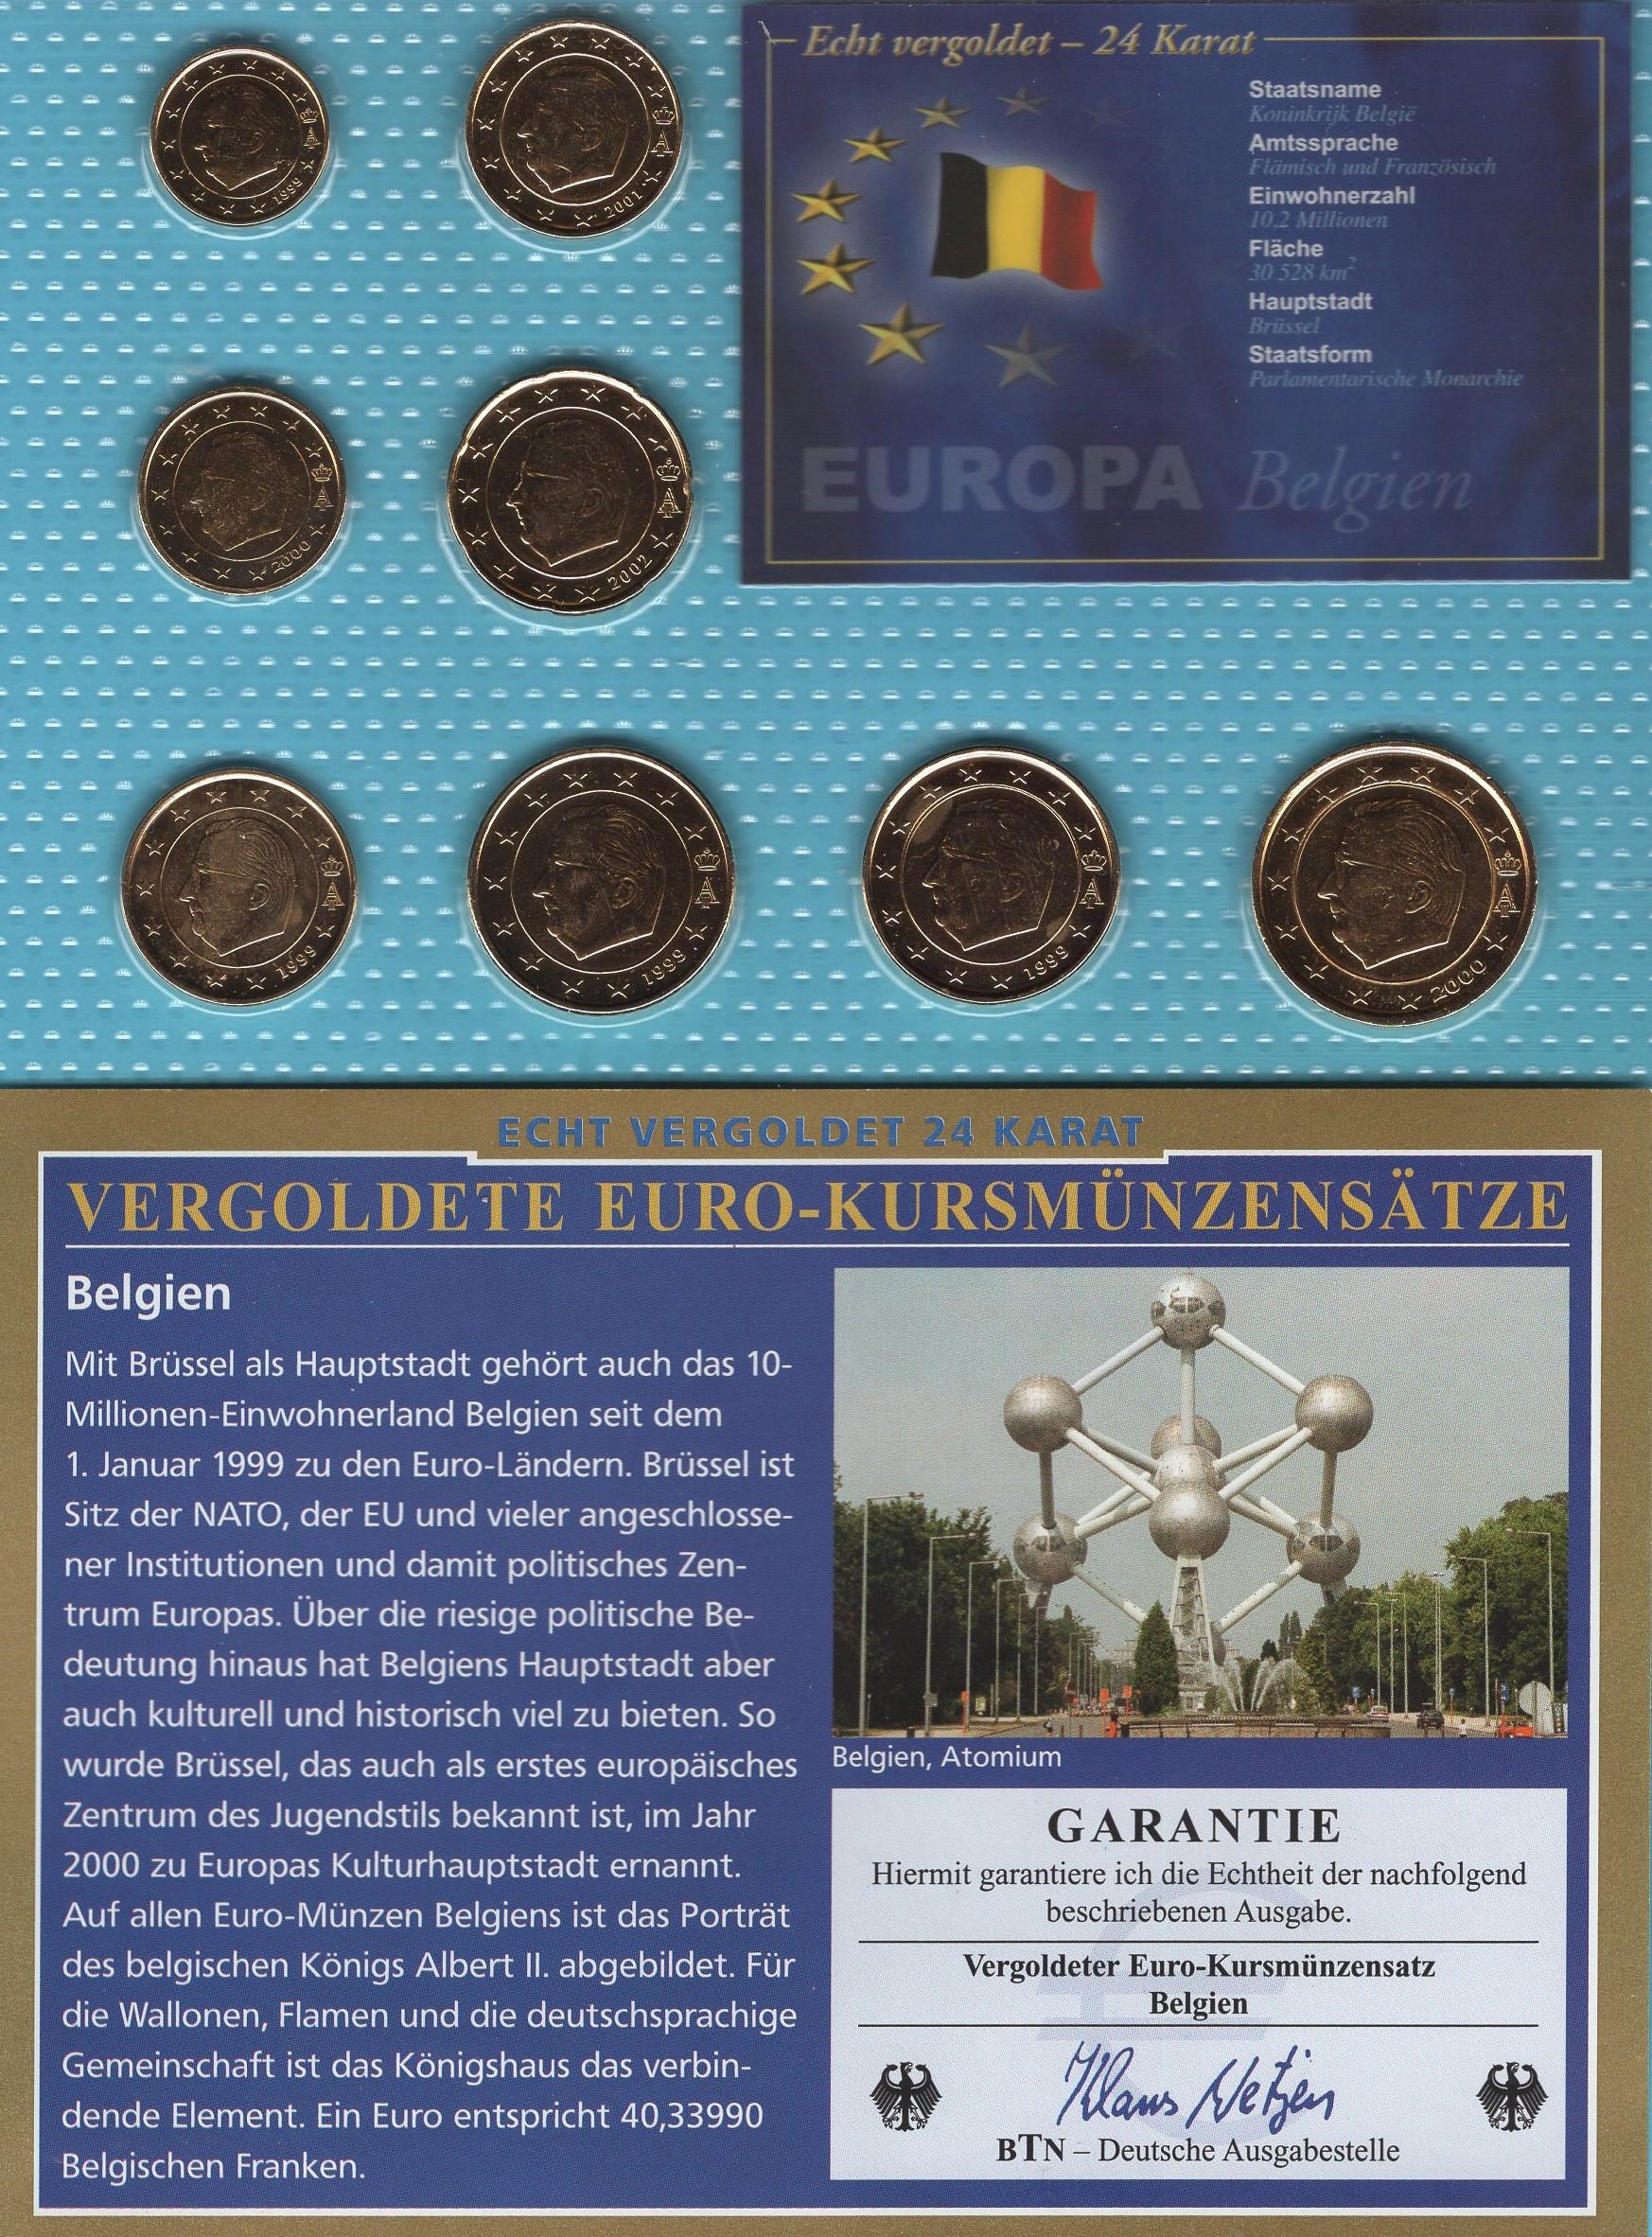 Belgien 1999-2002 vergoldet